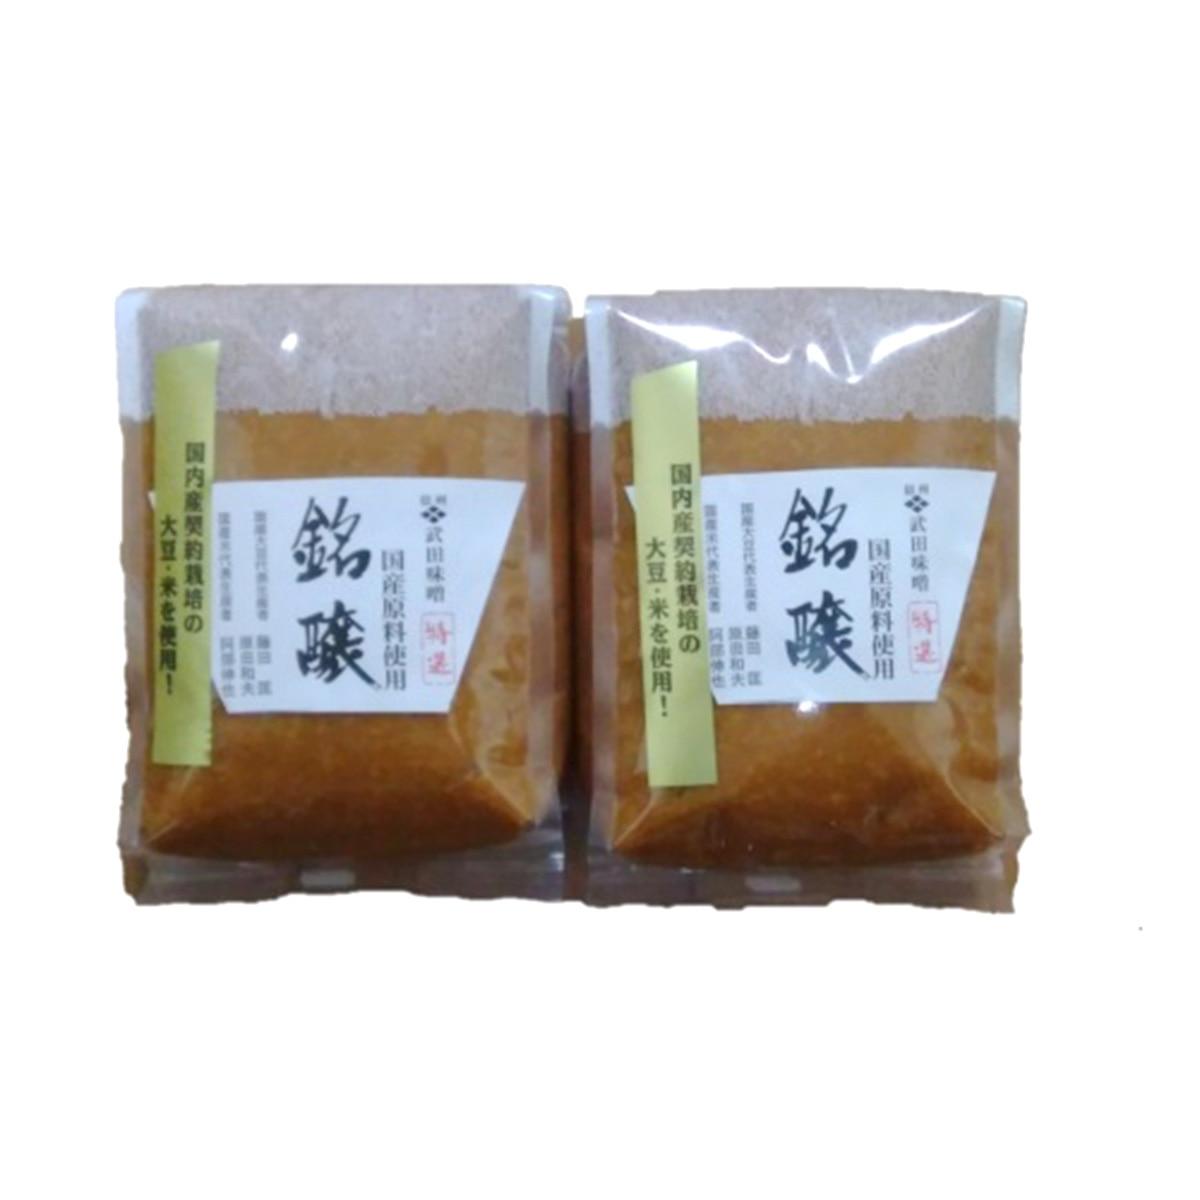 武田味噌 (長野)みそ特選銘醸1kg2個入り